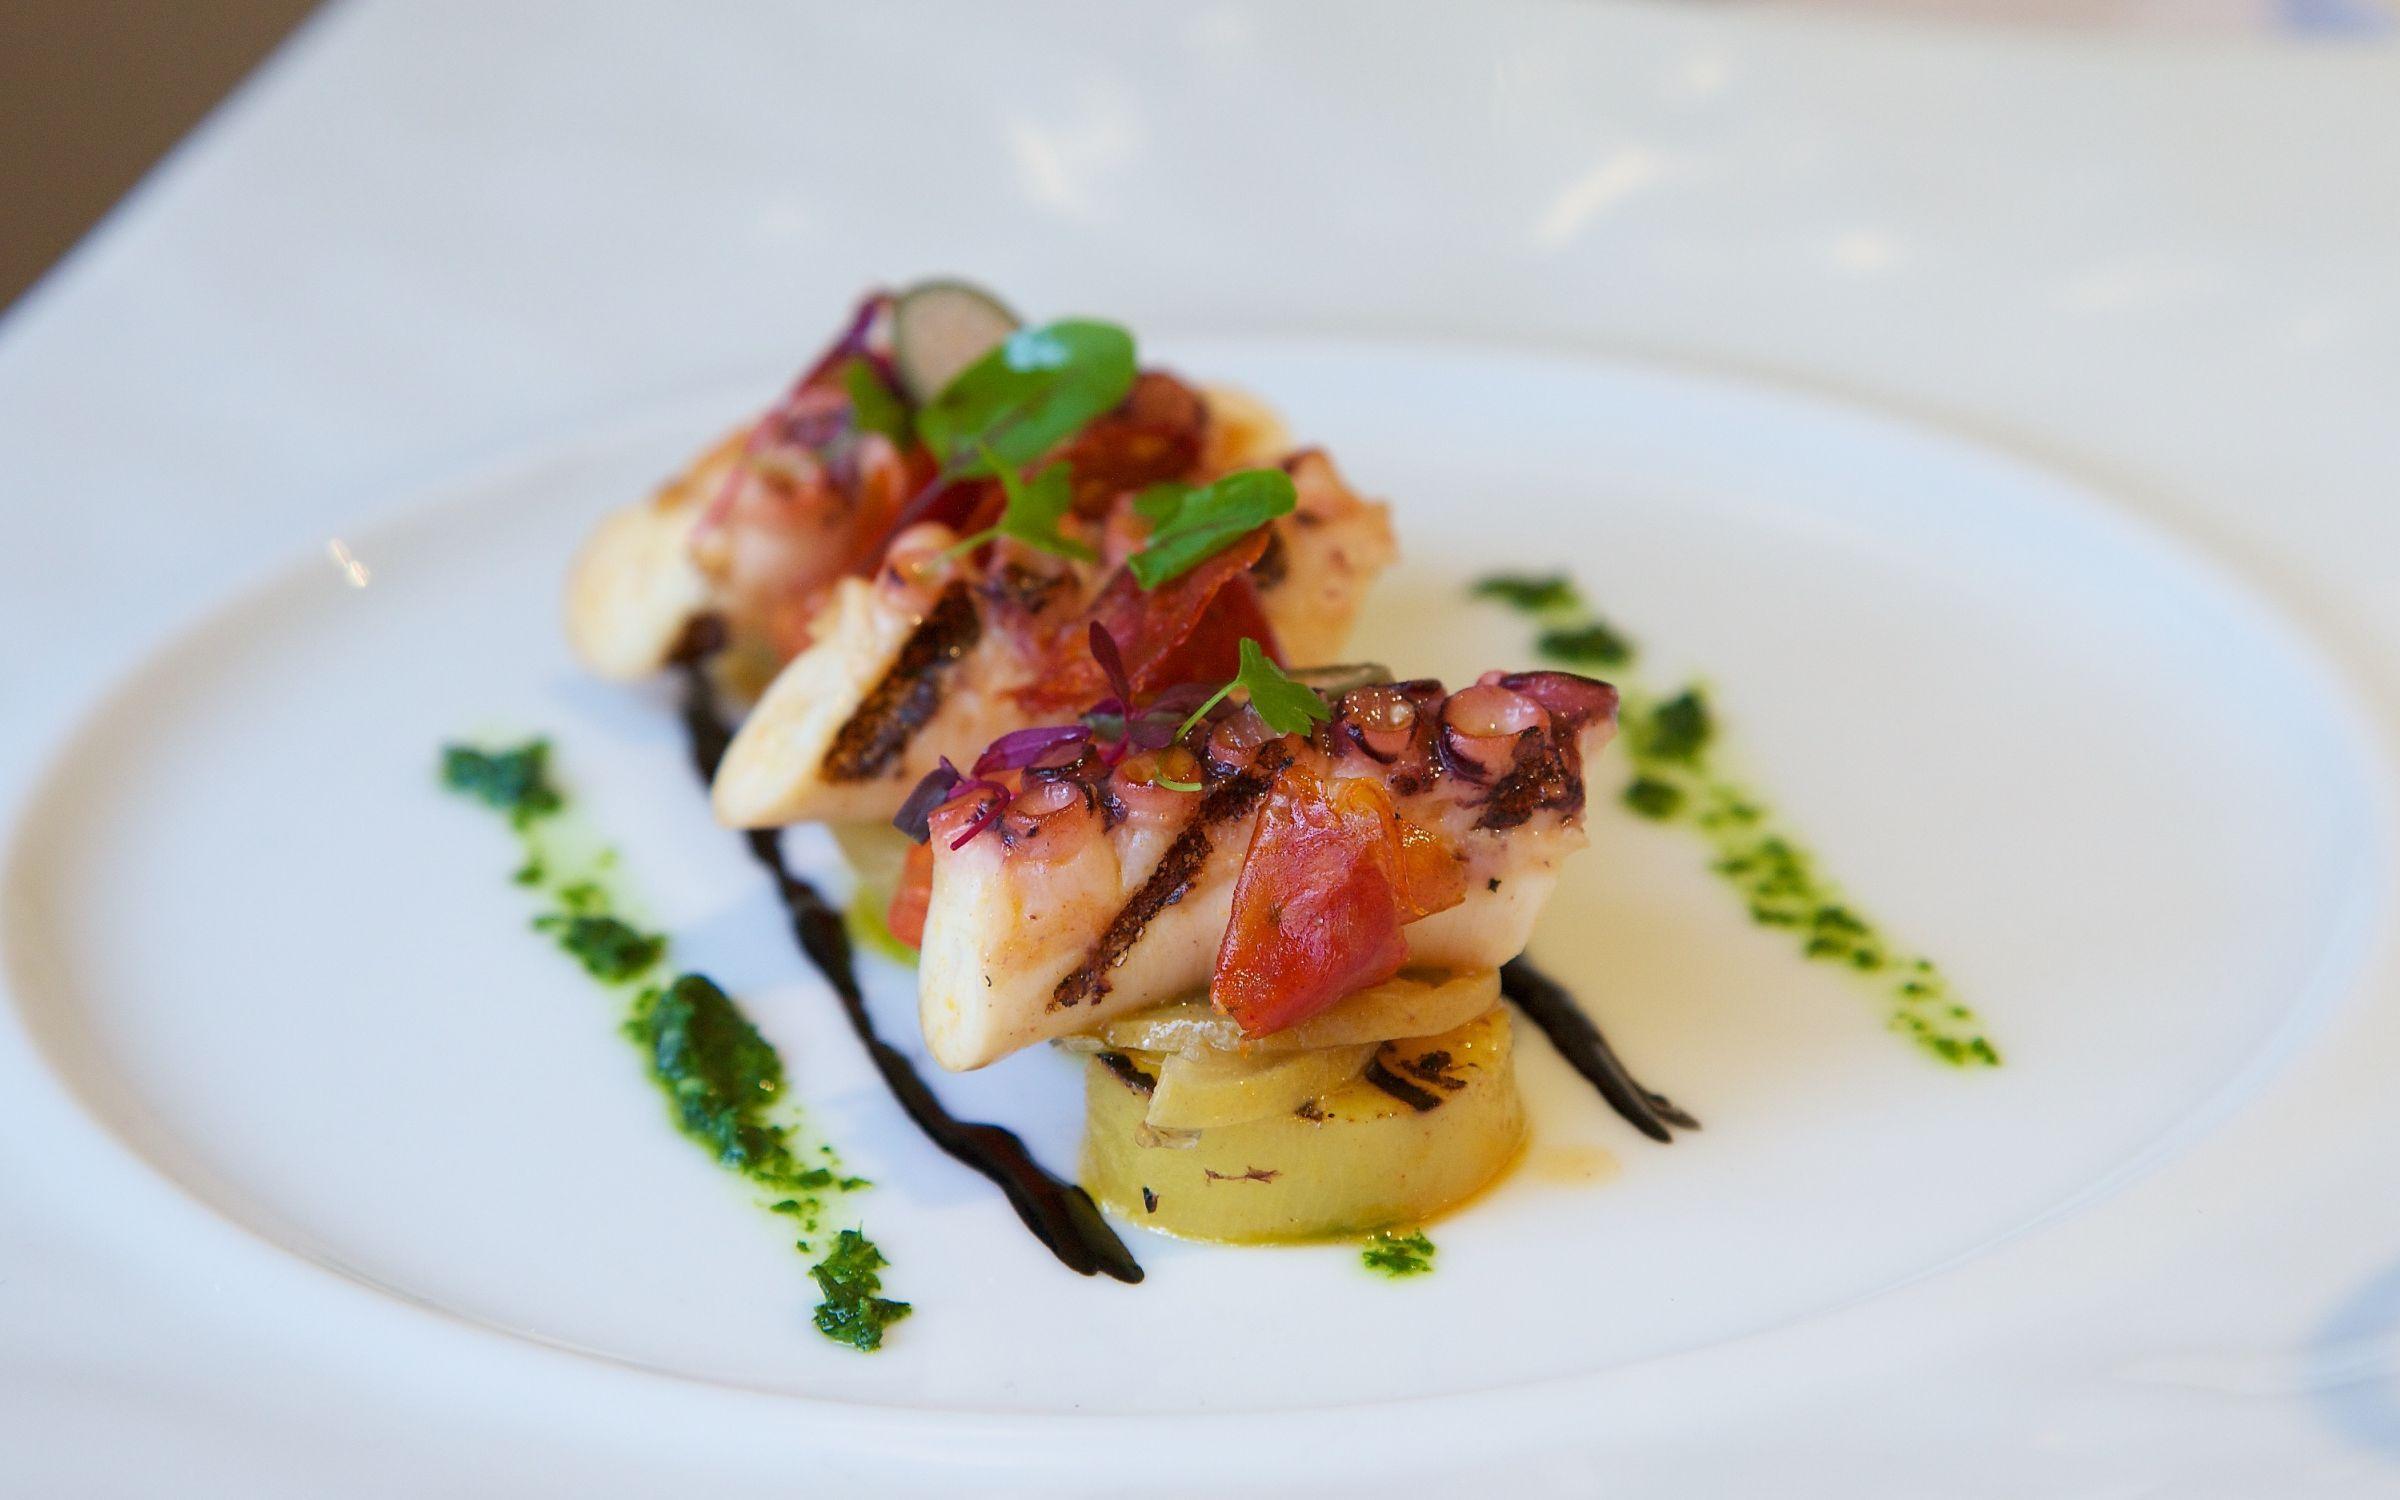 Gordon ramsay at 68 royal hospital road qli travel qli - Gordon ramsay cuisine cool ...